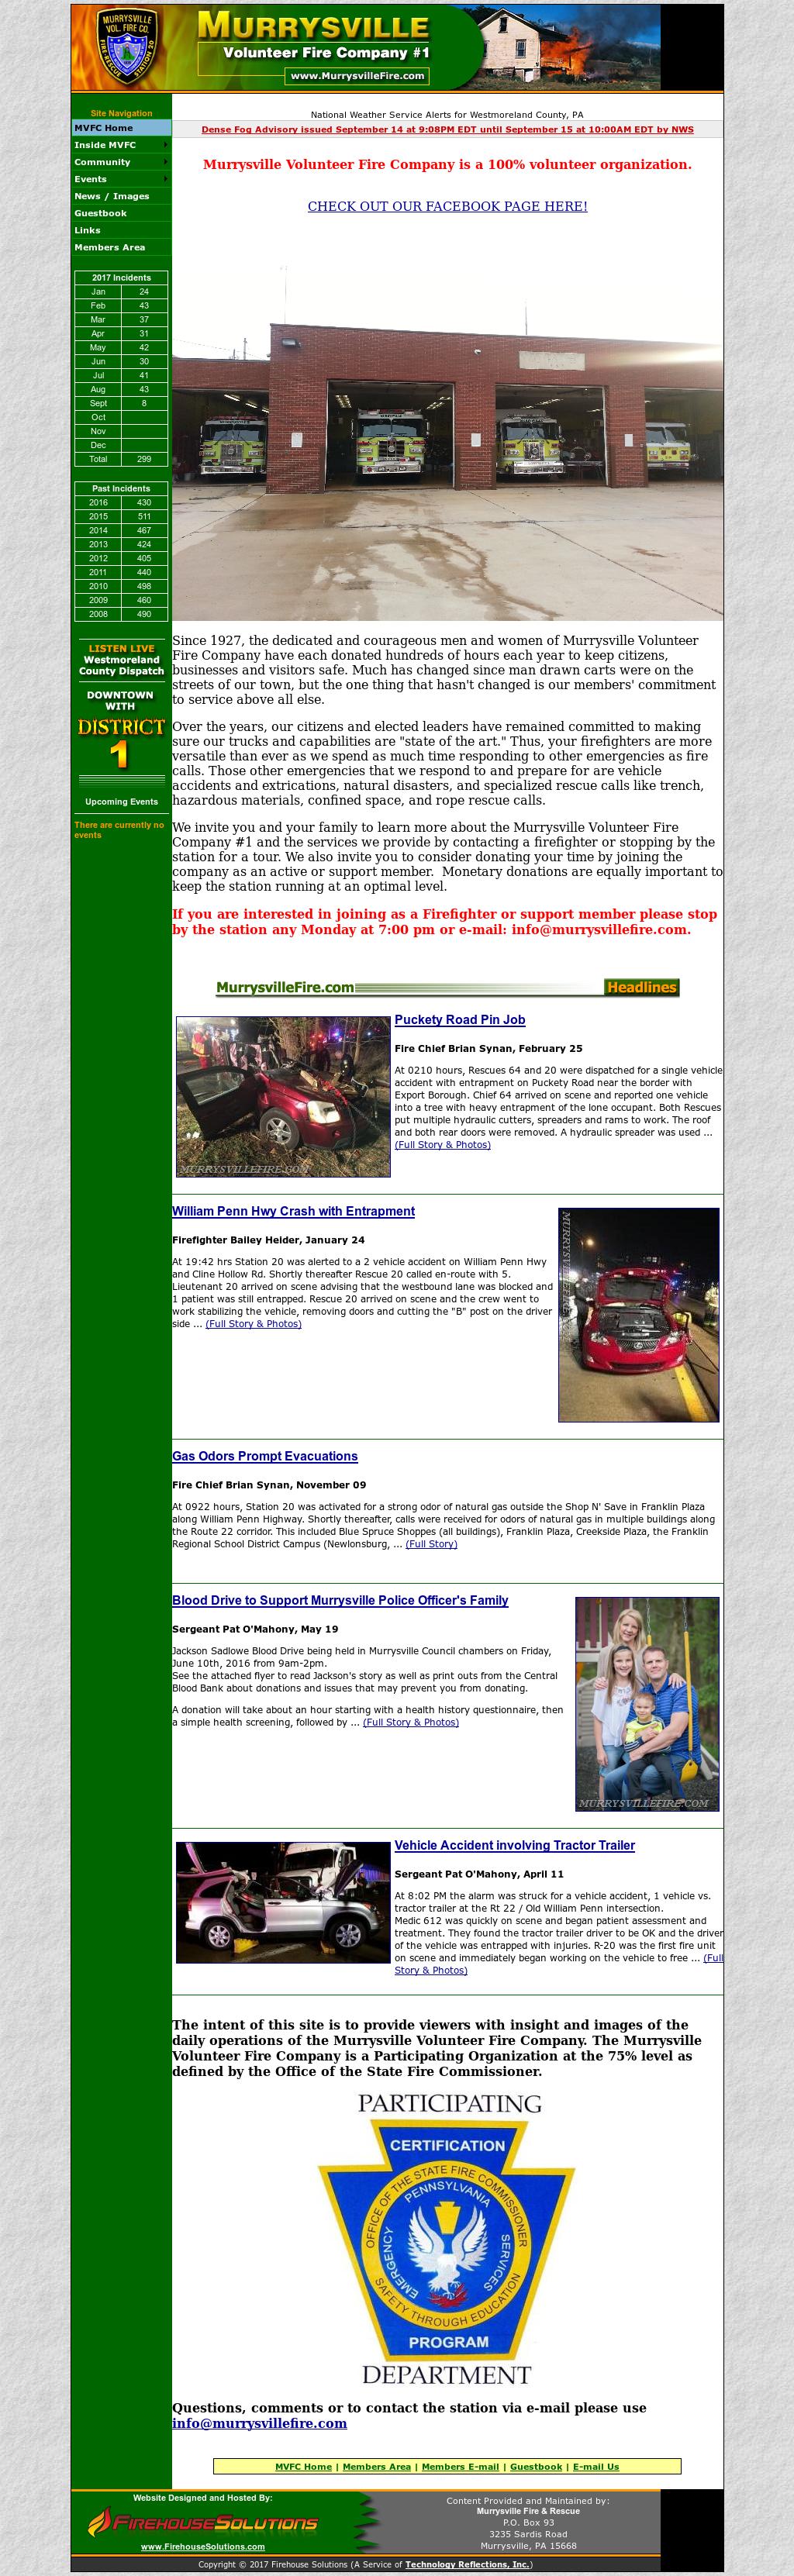 Murrysville Volunteer Fire Company: Fire Hall Competitors, Revenue